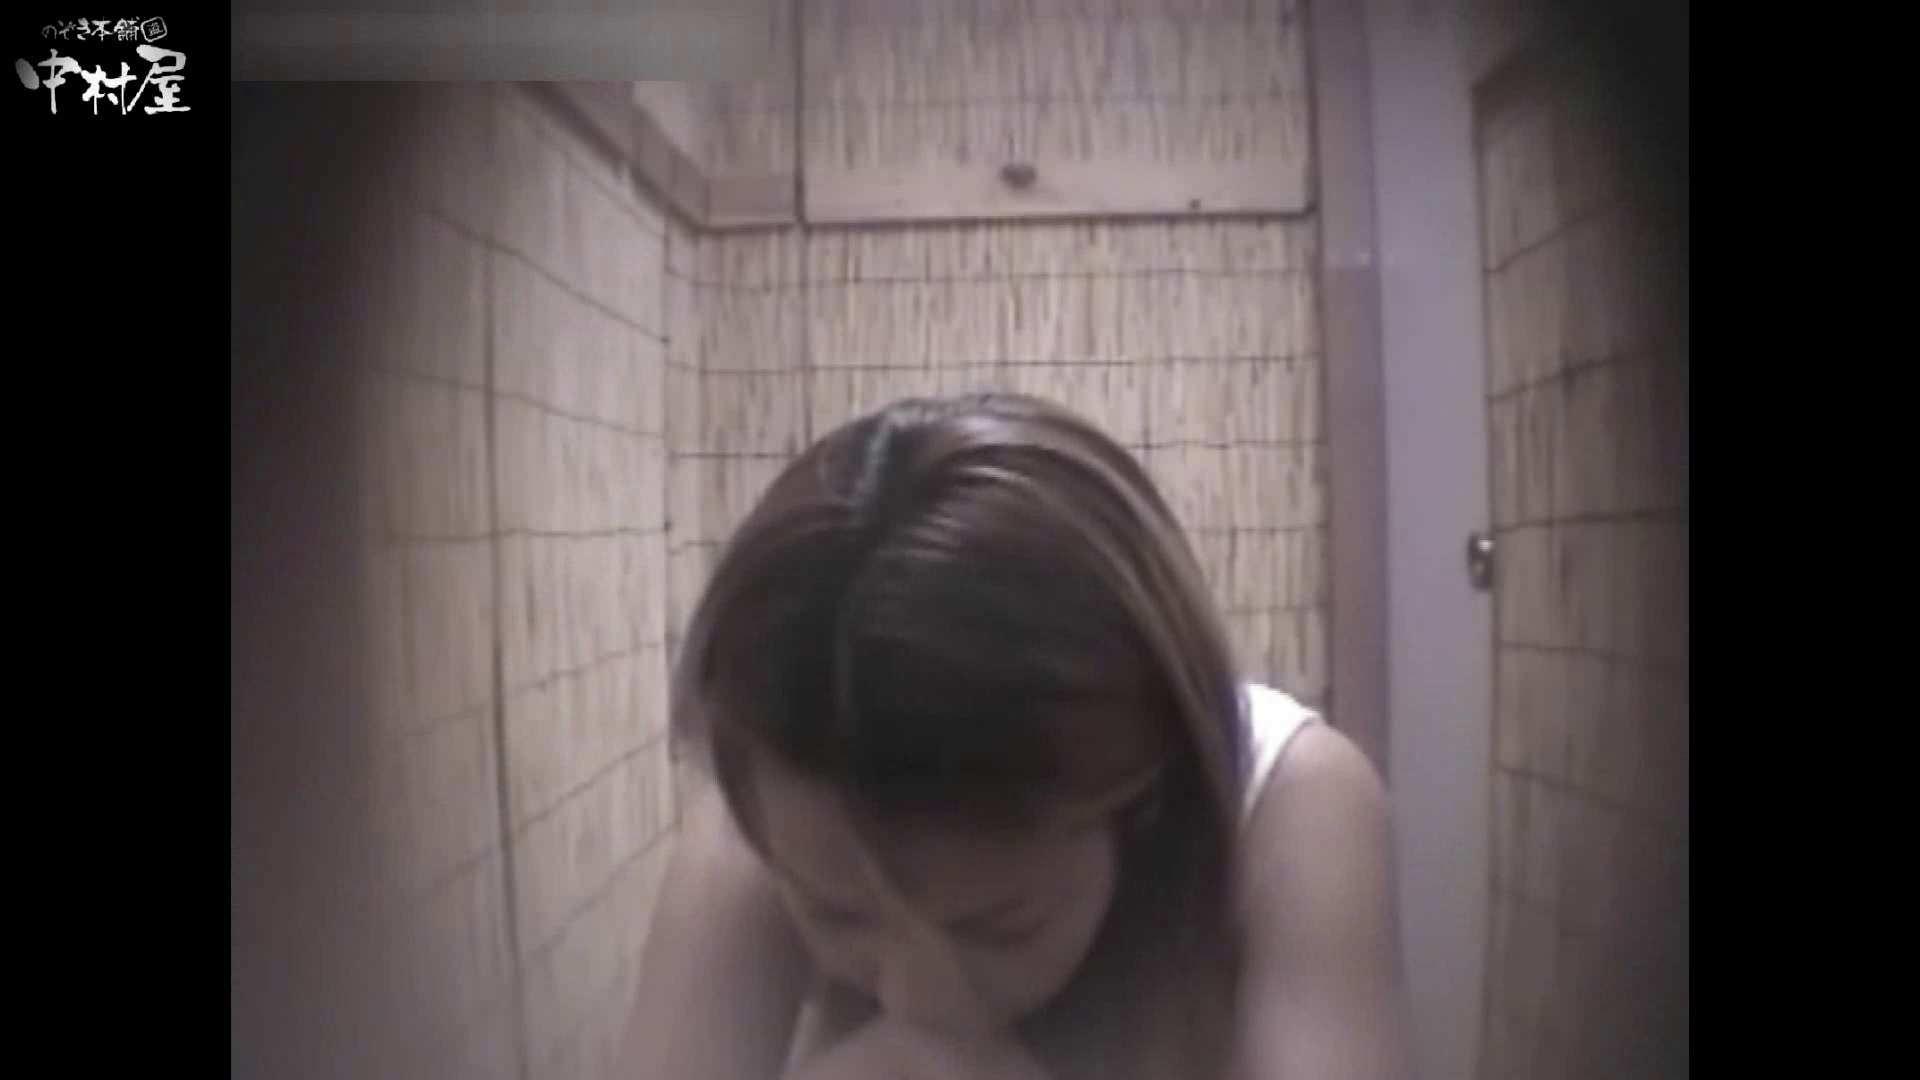 解禁!海の家4カメ洗面所vol.47 人気シリーズ  81PIX 66